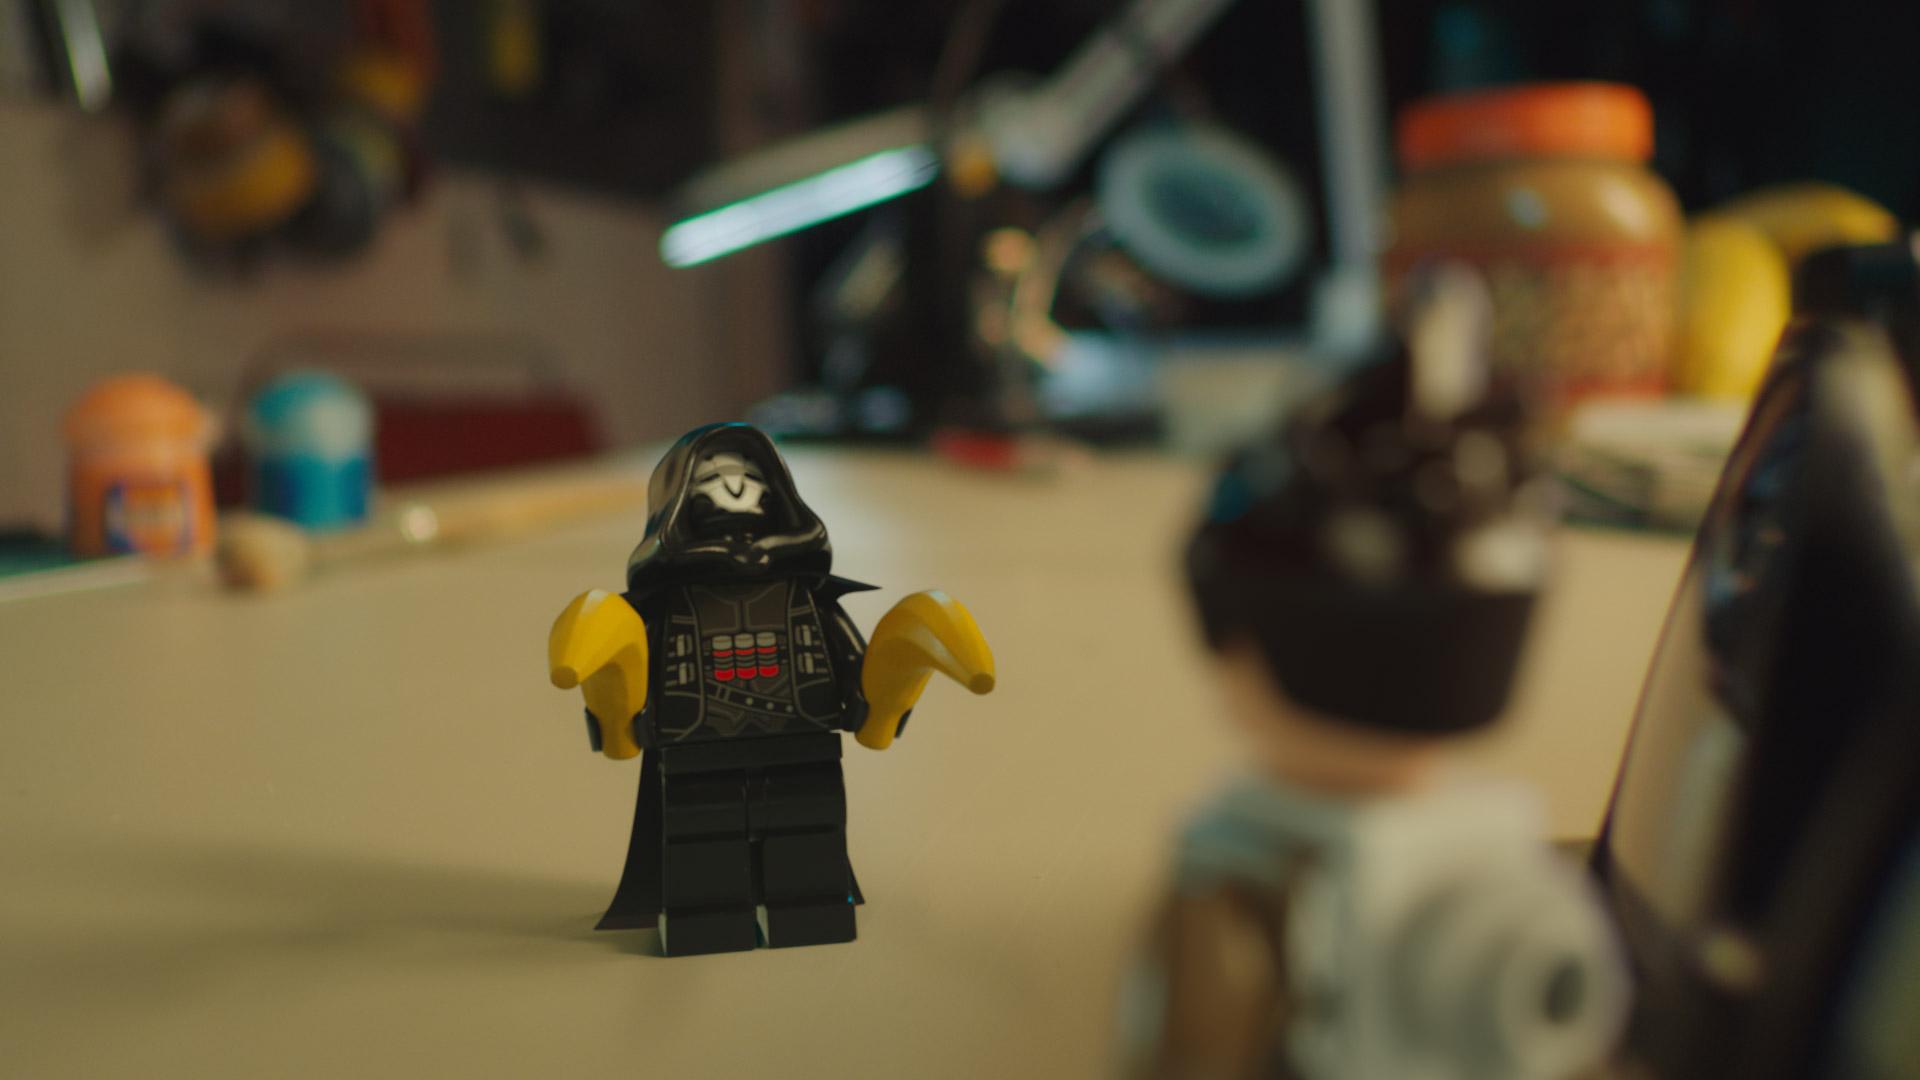 LEGO_OW_92465